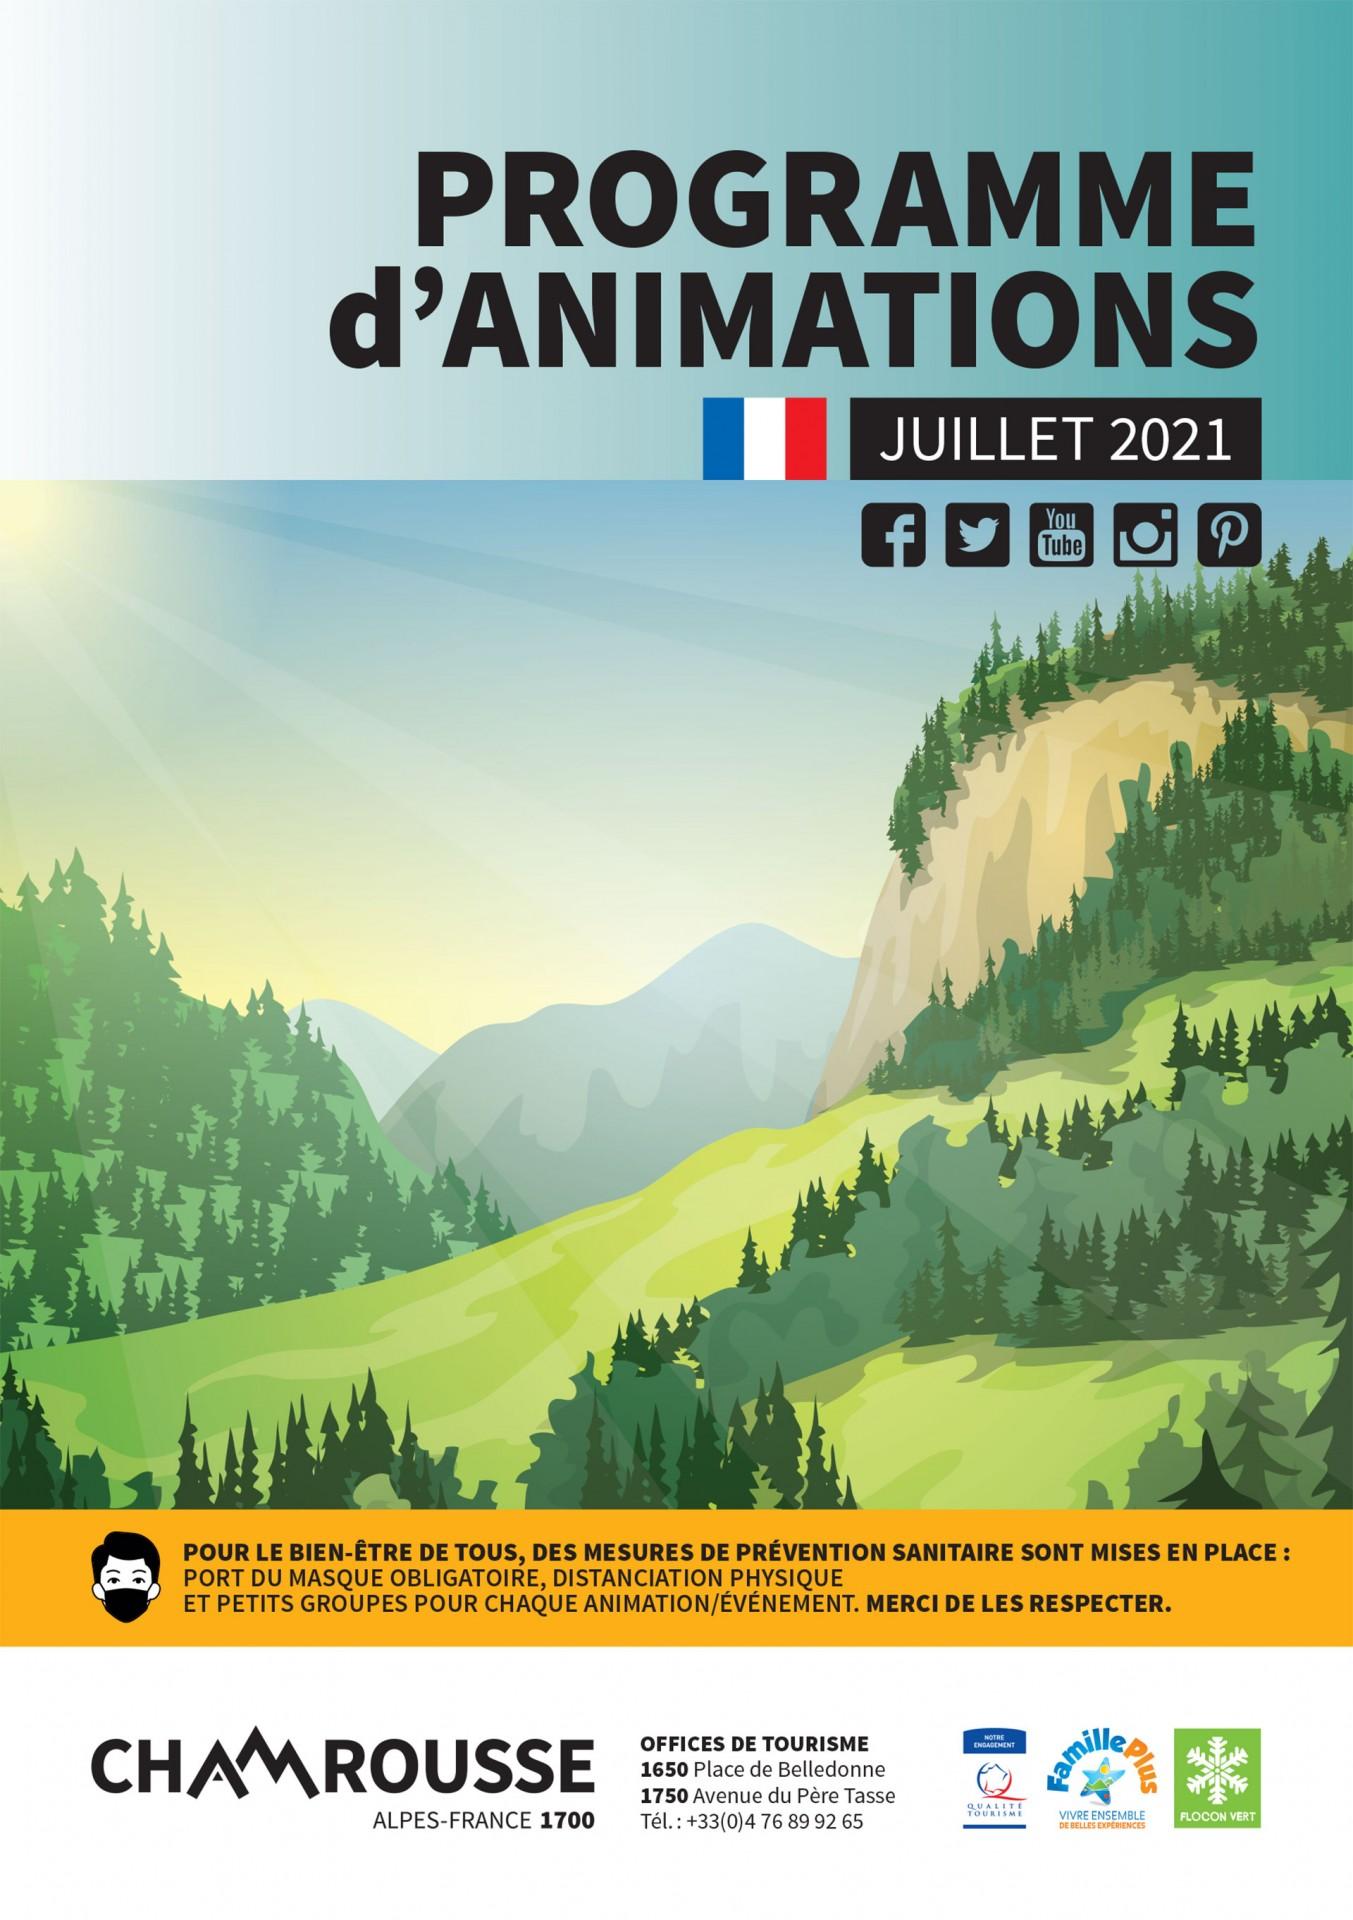 Chamrousse programme animation évènement juillet 2021 station montagne grenoble isère alpes france